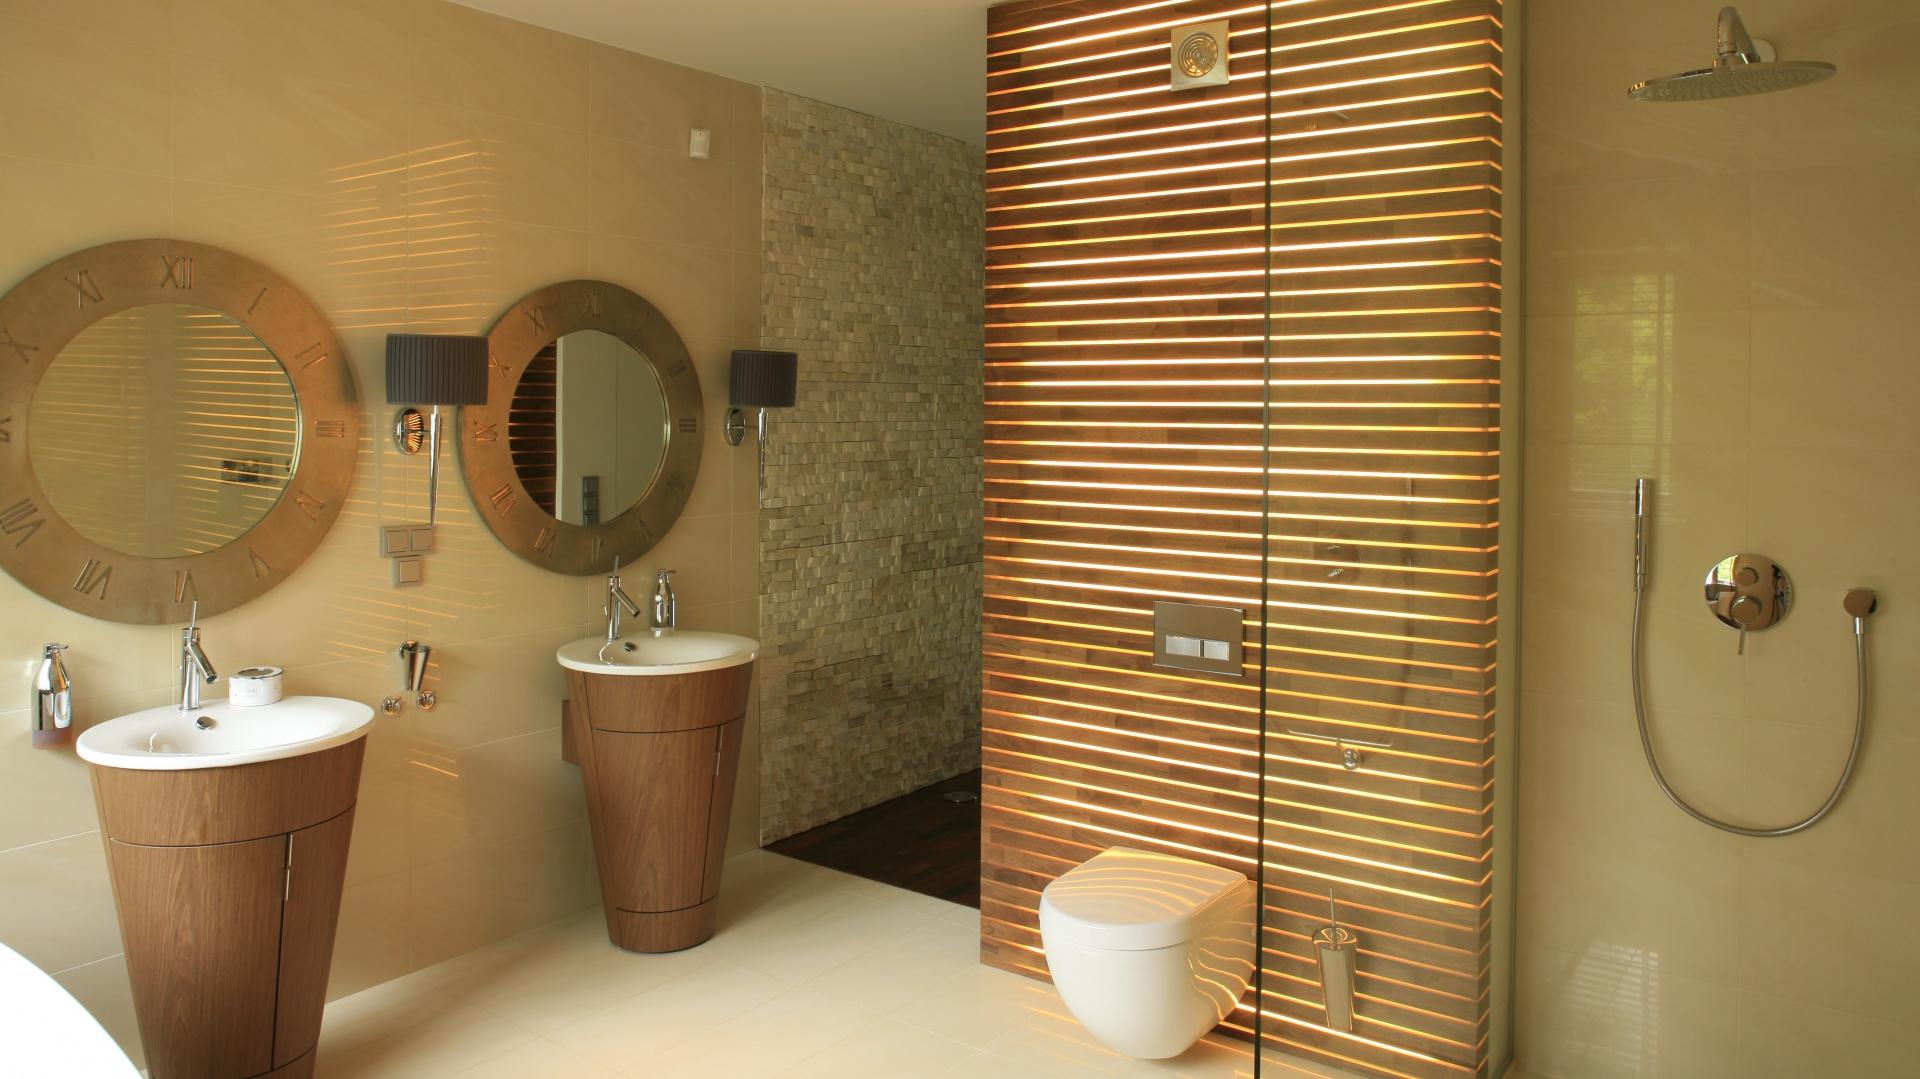 W przestronnym salonie kąpielowym można korzystać z natrysku w kabinie typu walk-in, która zapewnia maksimum komfortu. Także aranżacja z wykorzystaniem naturalnych materiałów sprzyja relaksowi. Projekt: Natalia Rychtelska, Beata Czechowicz. Bartosz Jarosz.